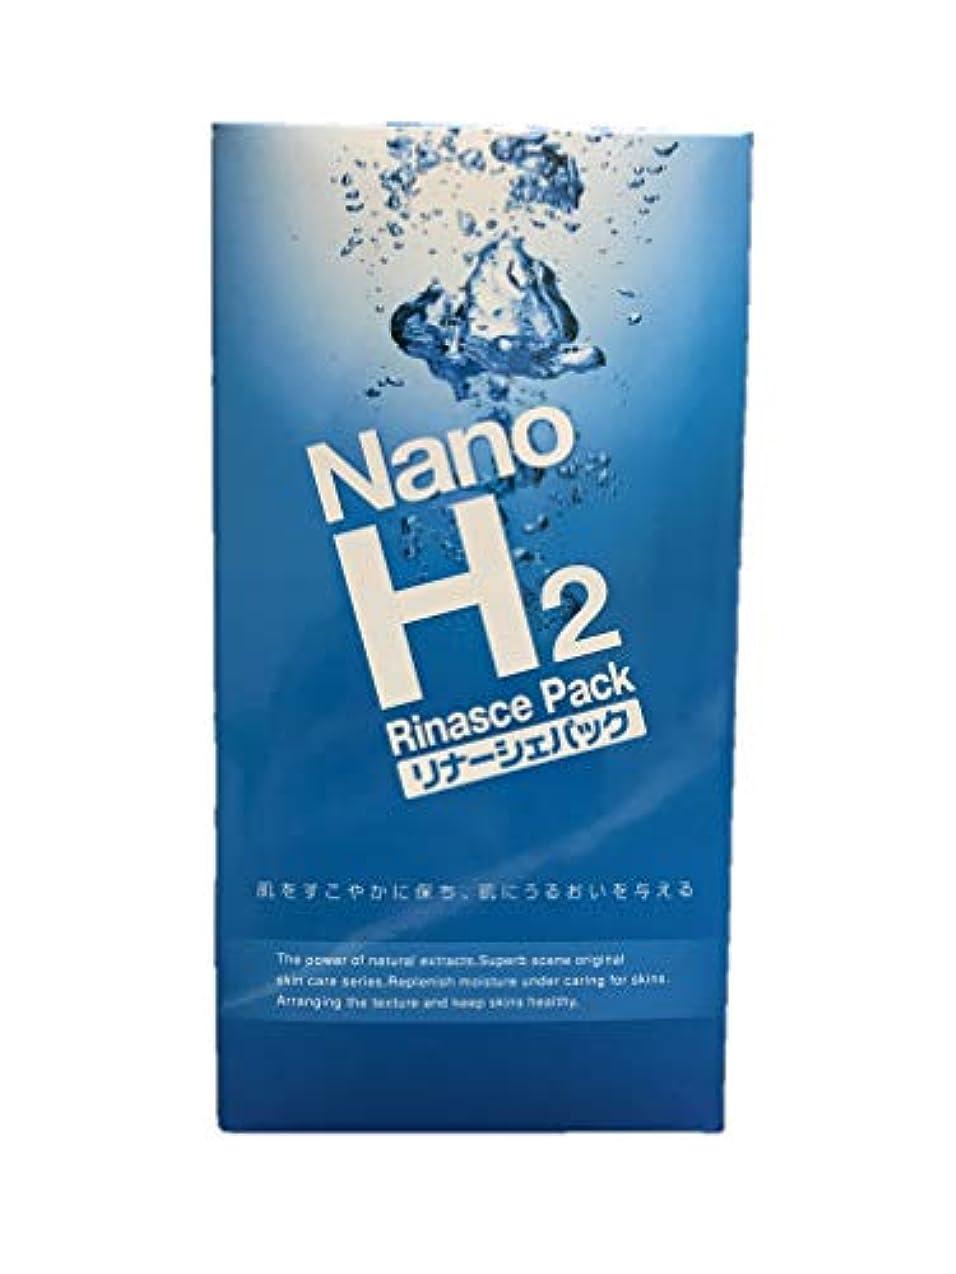 衝動見習いお香ナノ水素リナーシェ パック (美容液30mlx10袋、水素パウダー0.2gx10袋、シートマスクx10枚入り)